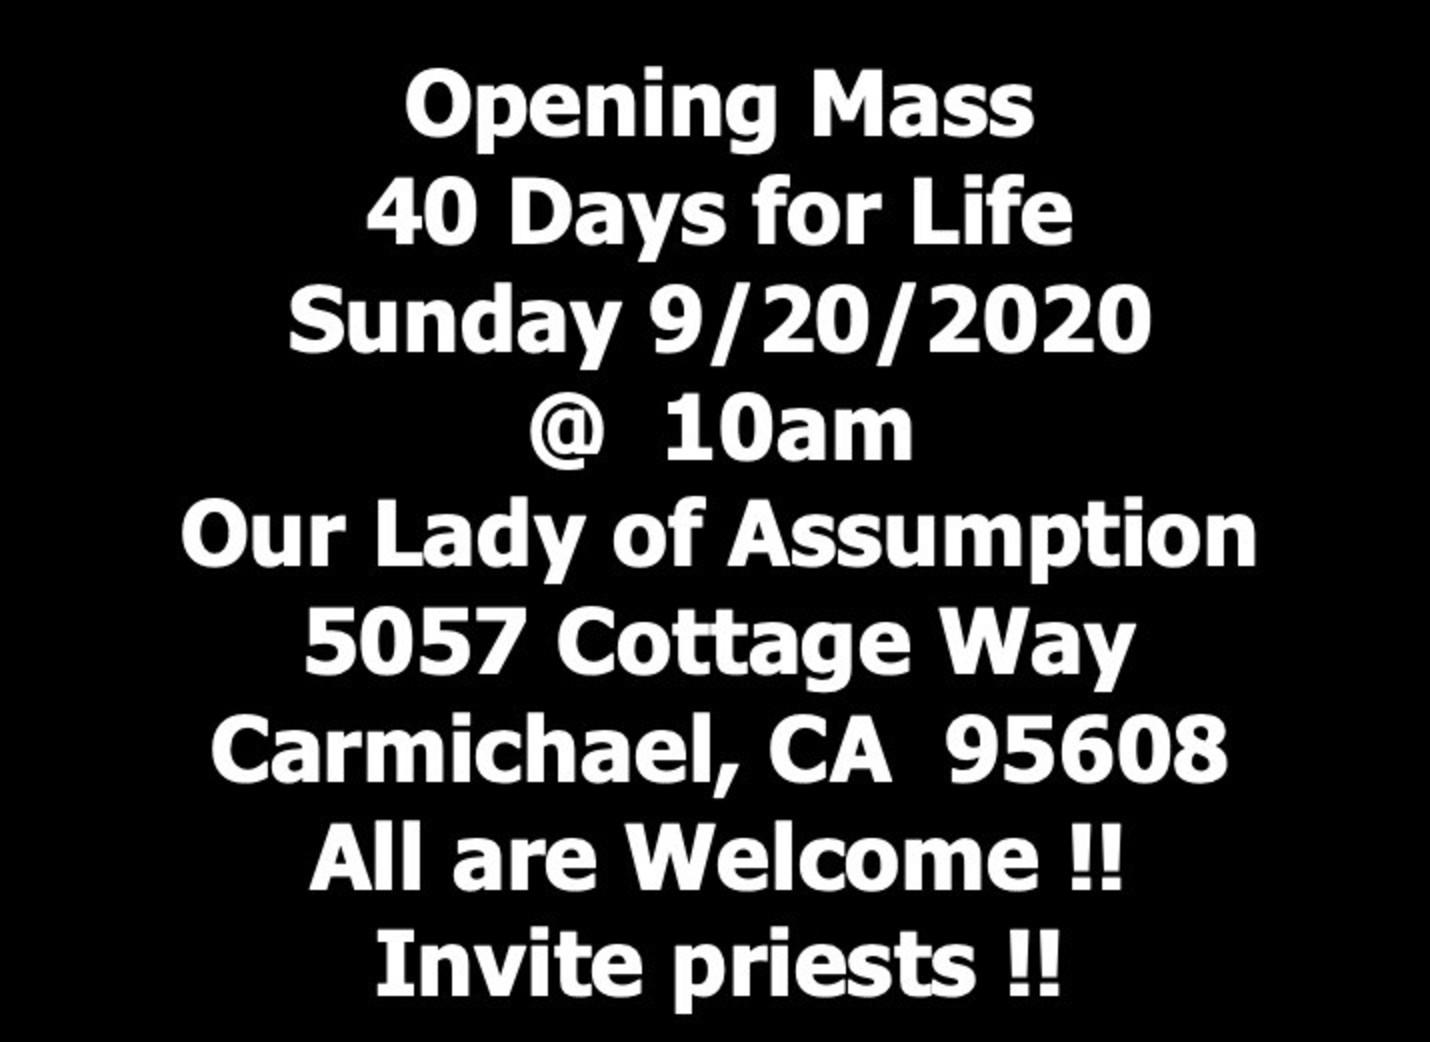 40 Days Open Mass